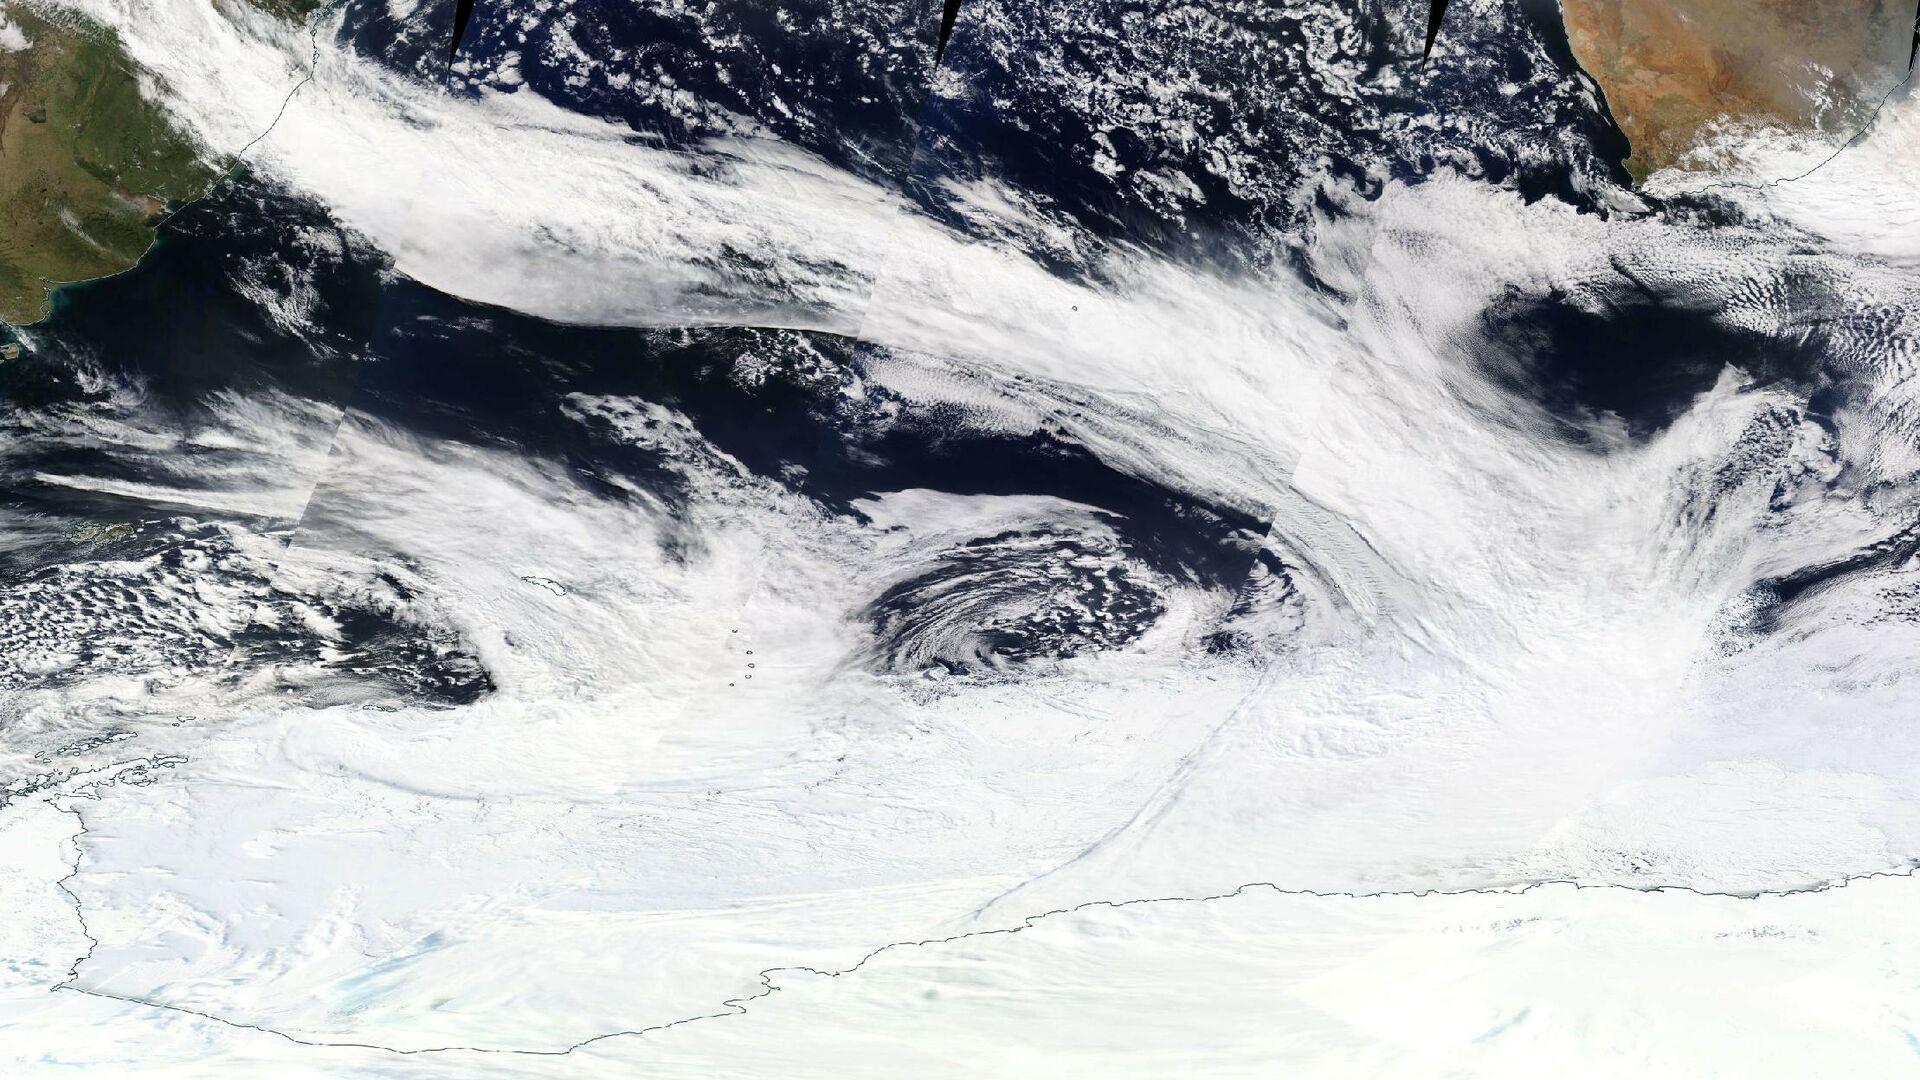 Ученые выяснили, как появились огромные дыры в ледниках Антарктиды